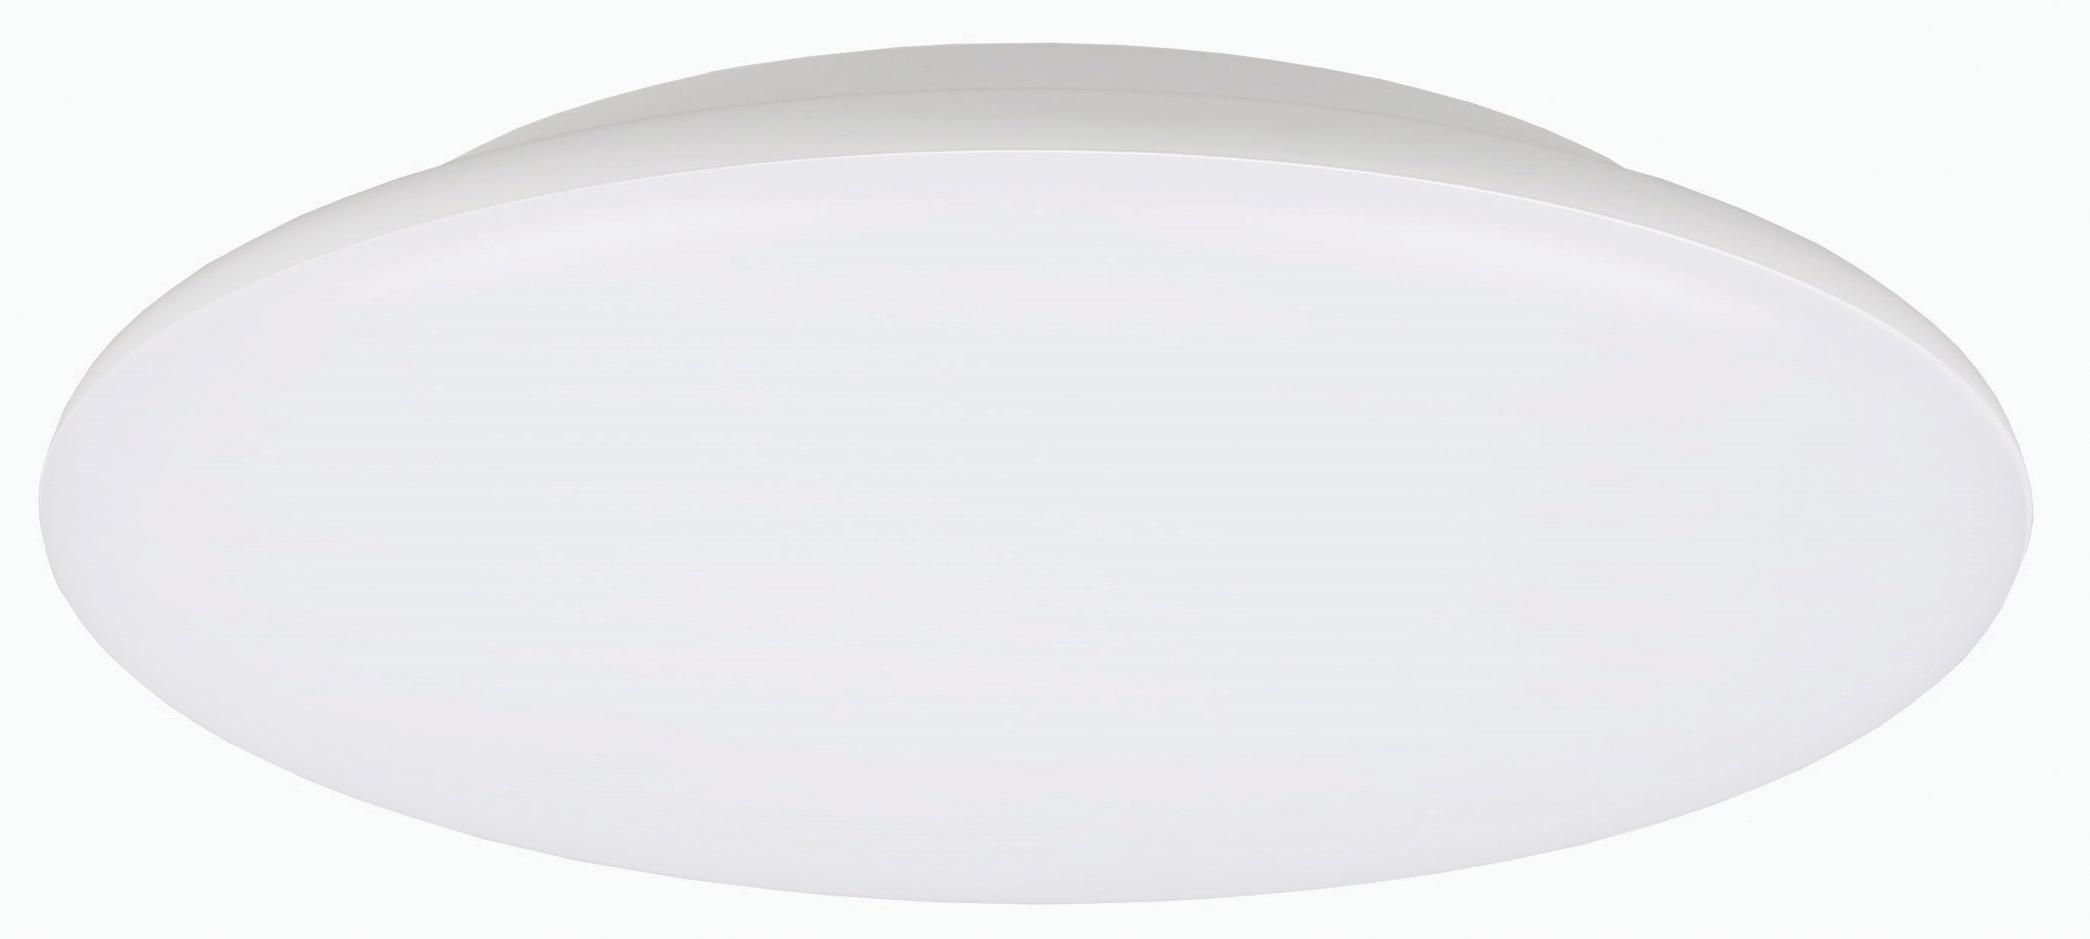 LED Wand- / Deckenleuchte IP 40 – dimmbar